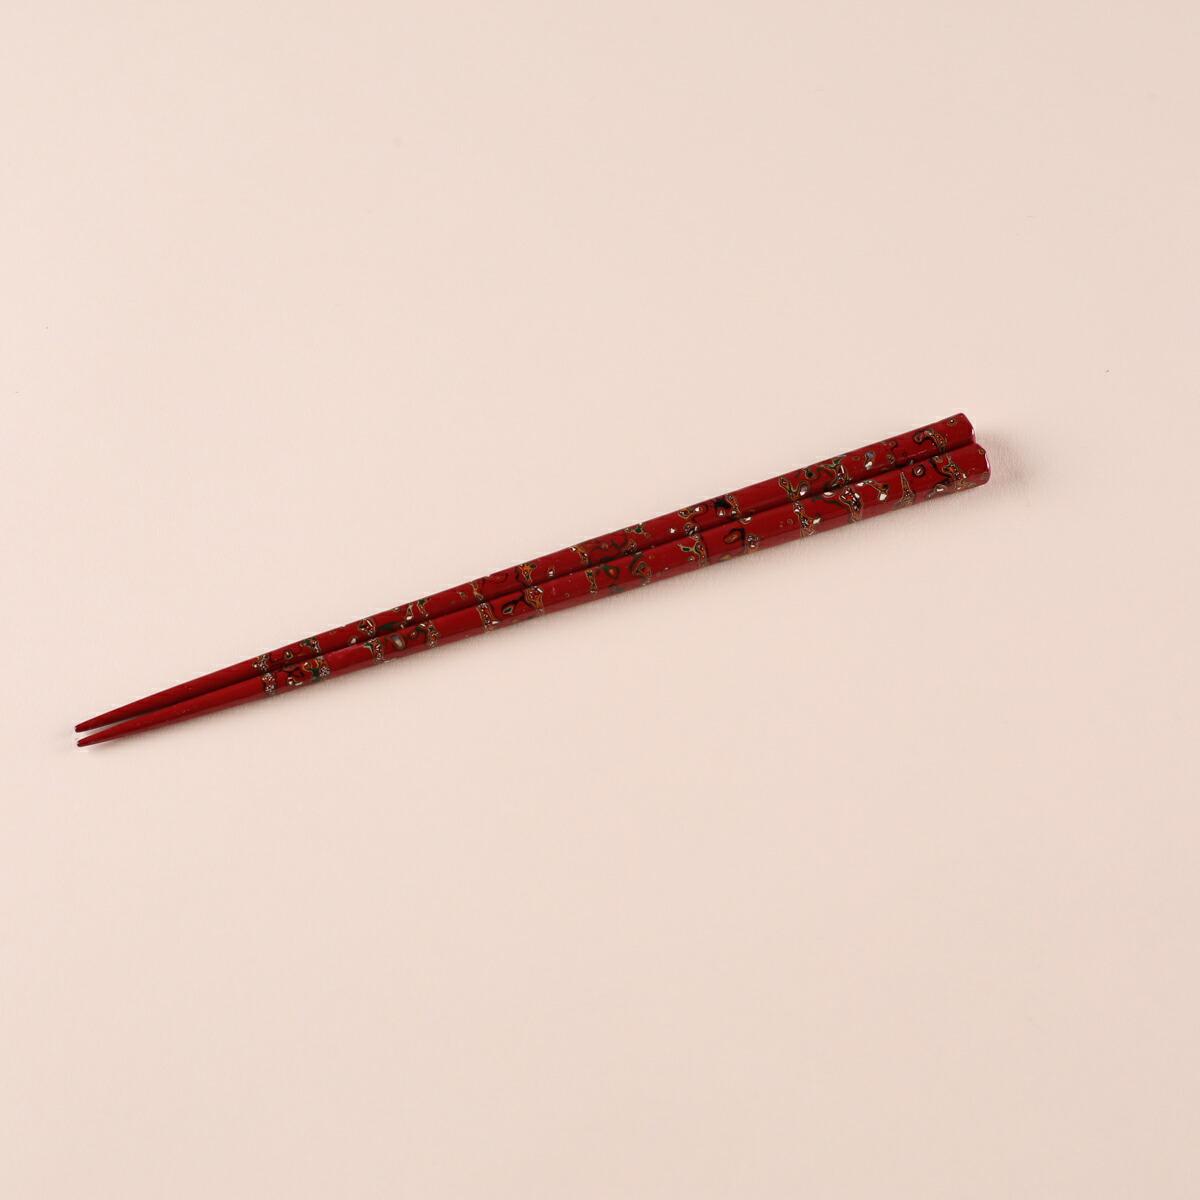 桐箱夫婦 潮騒 23.5cm/20.5cm